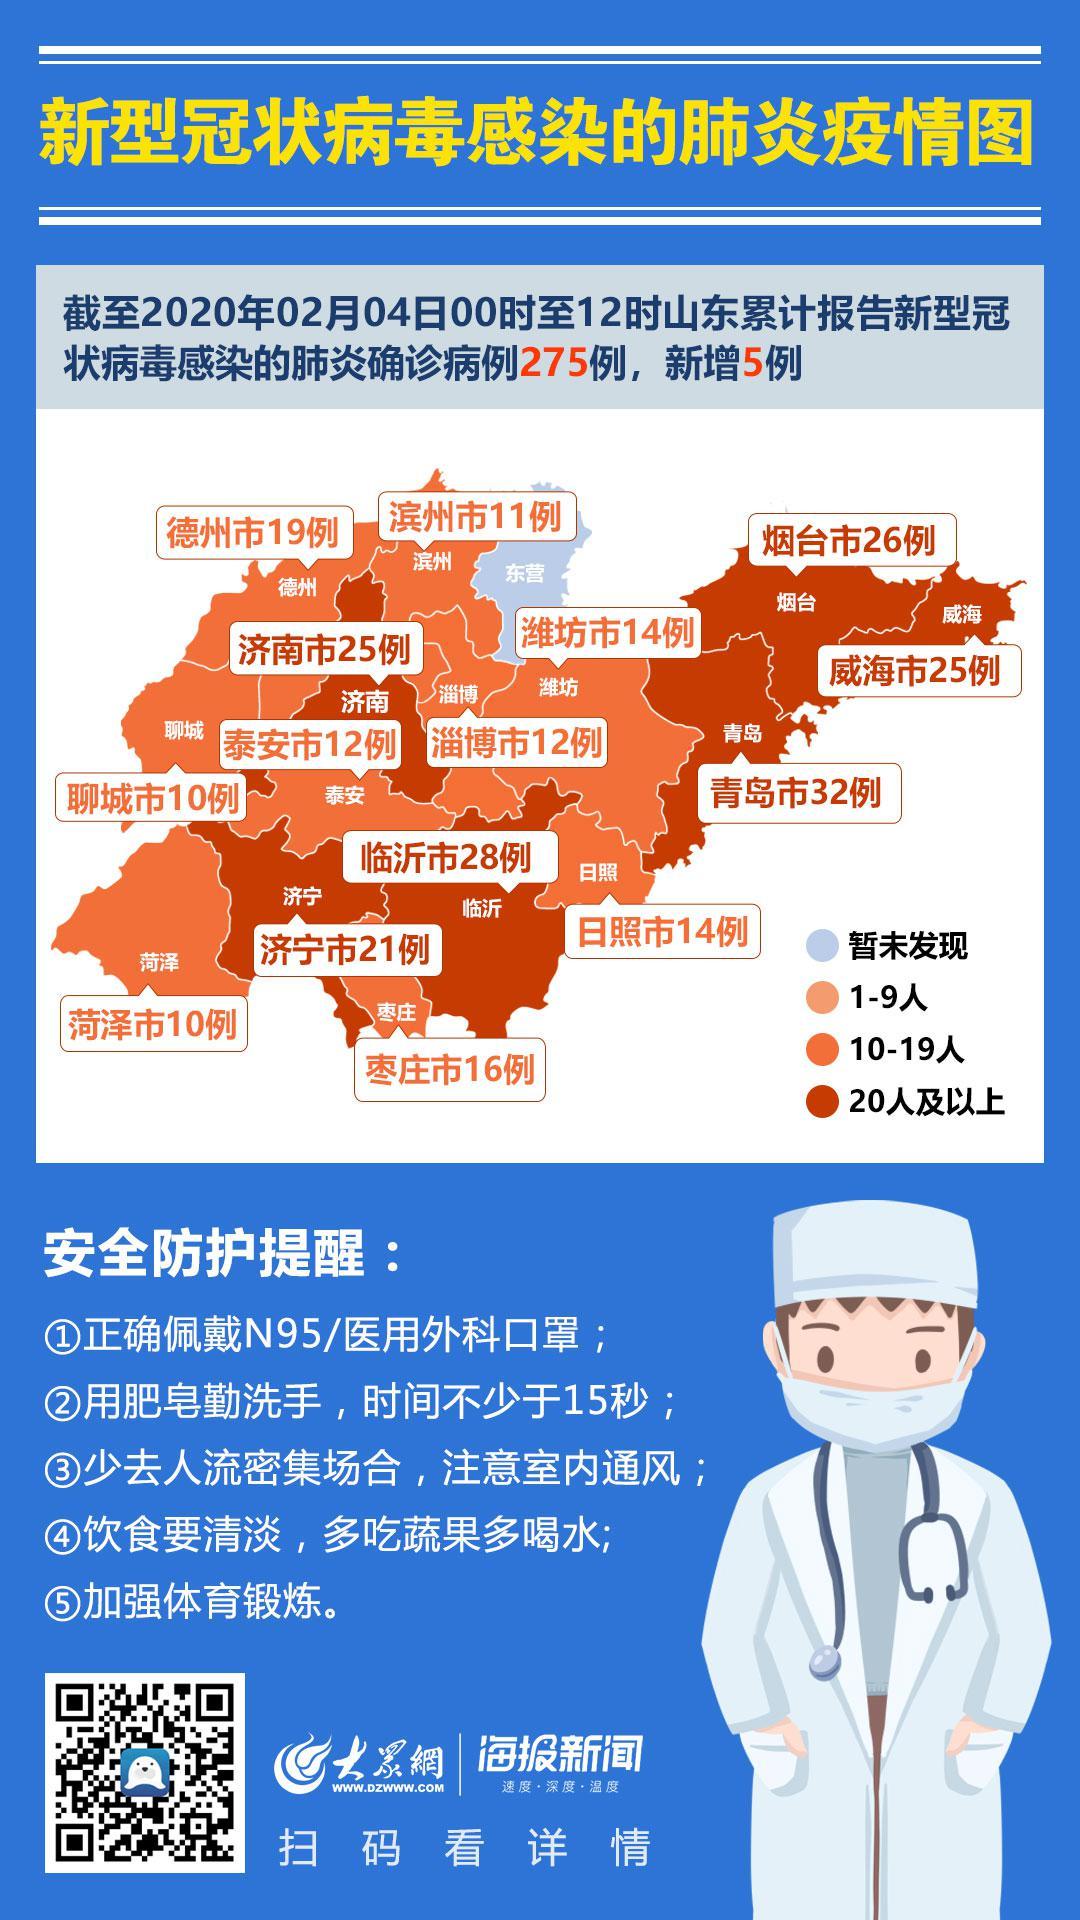 2020年2月4日0时至12时山东省新型冠状病毒感染的肺炎疫情情况图片